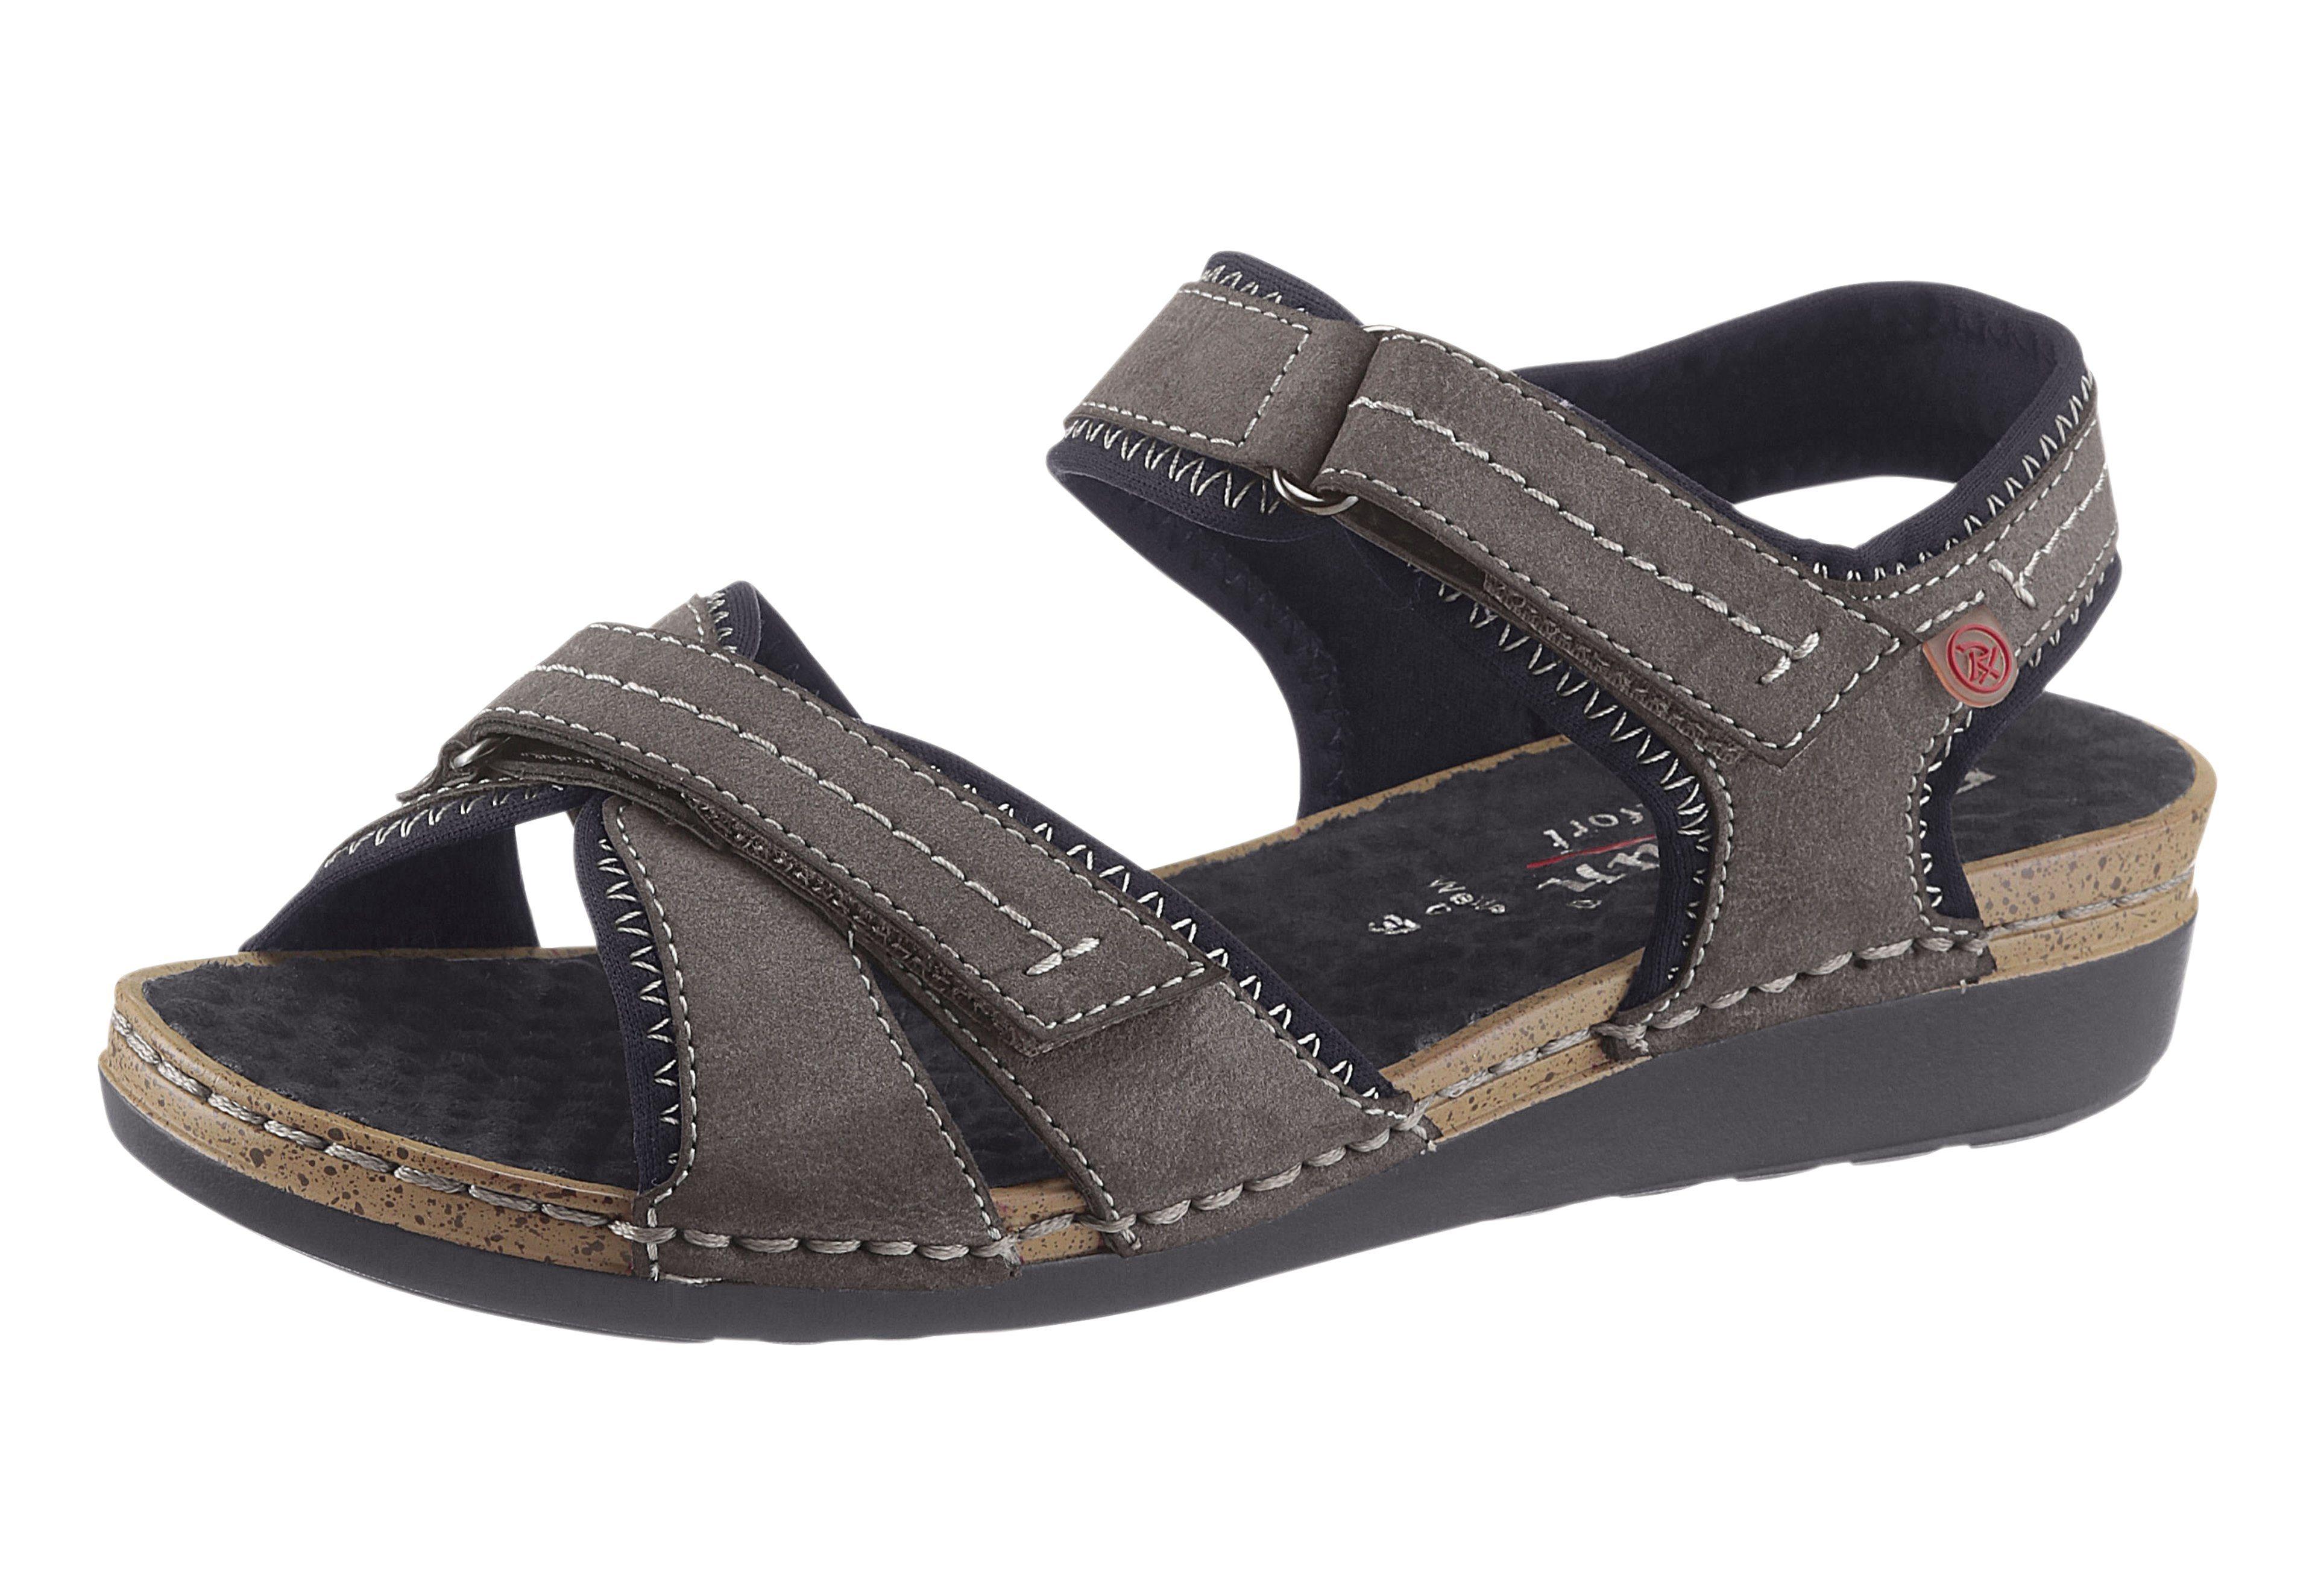 Reflexan Sandale mit TR-Laufsohle | Schuhe > Sandalen & Zehentrenner > Sandalen | Reflexan